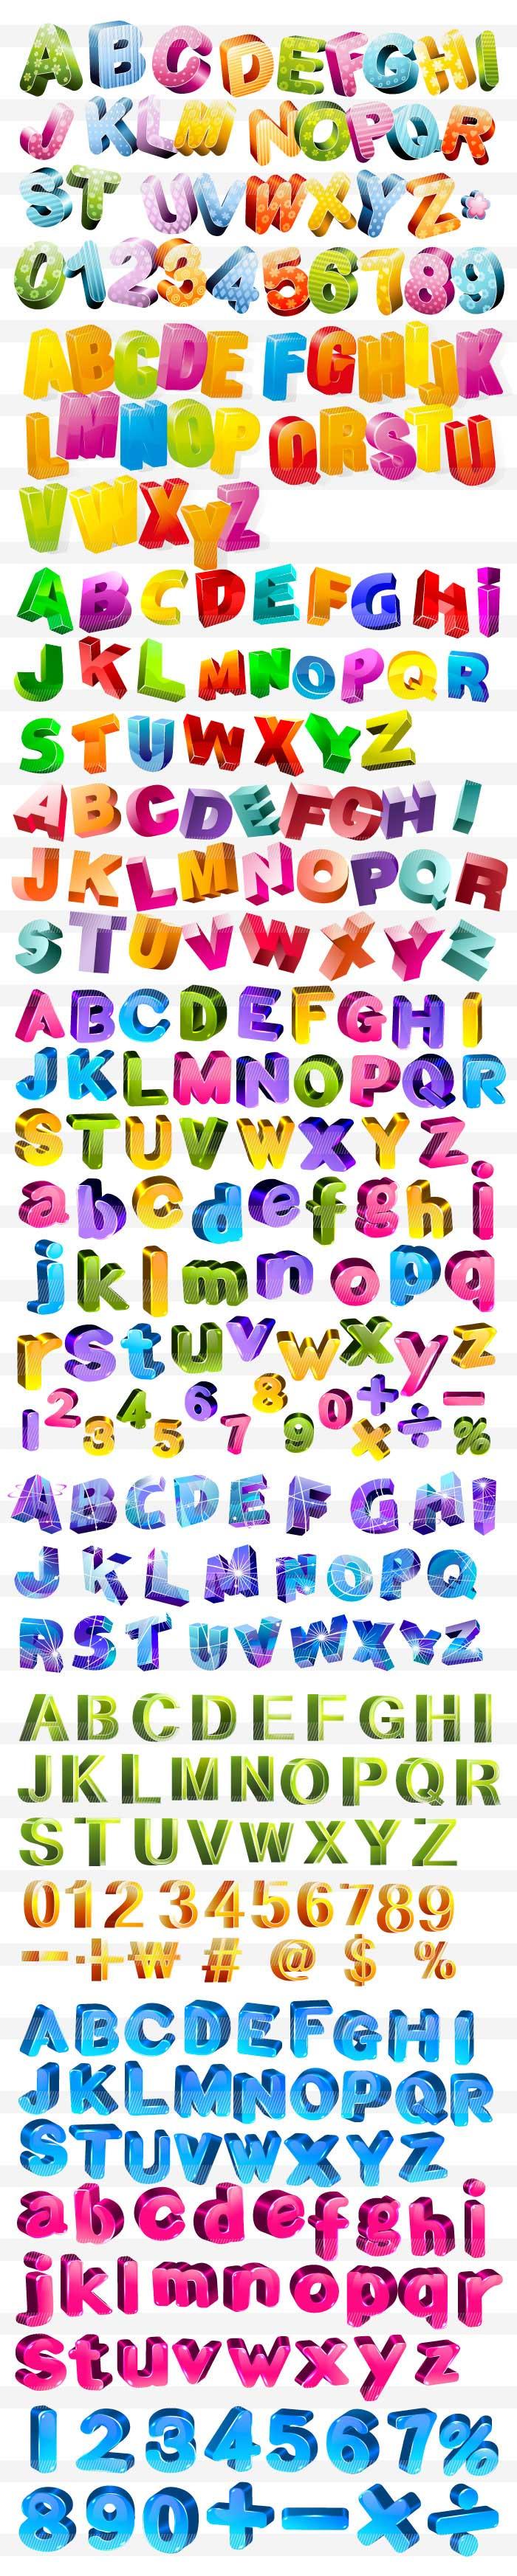 立体的アルファベット